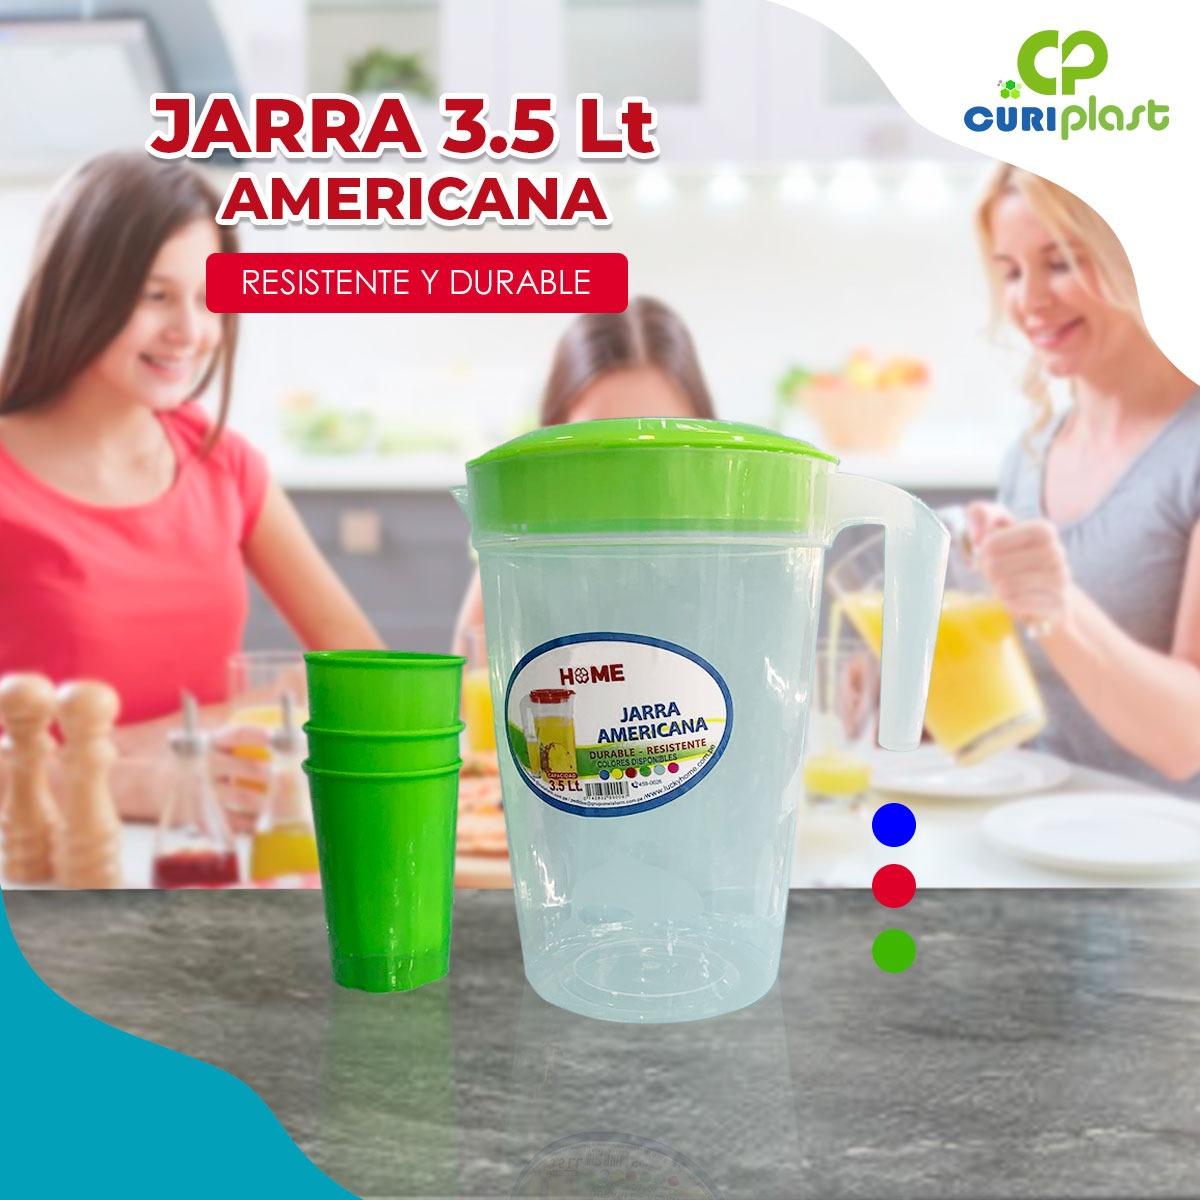 jarra americana 3.5 lt con vaso